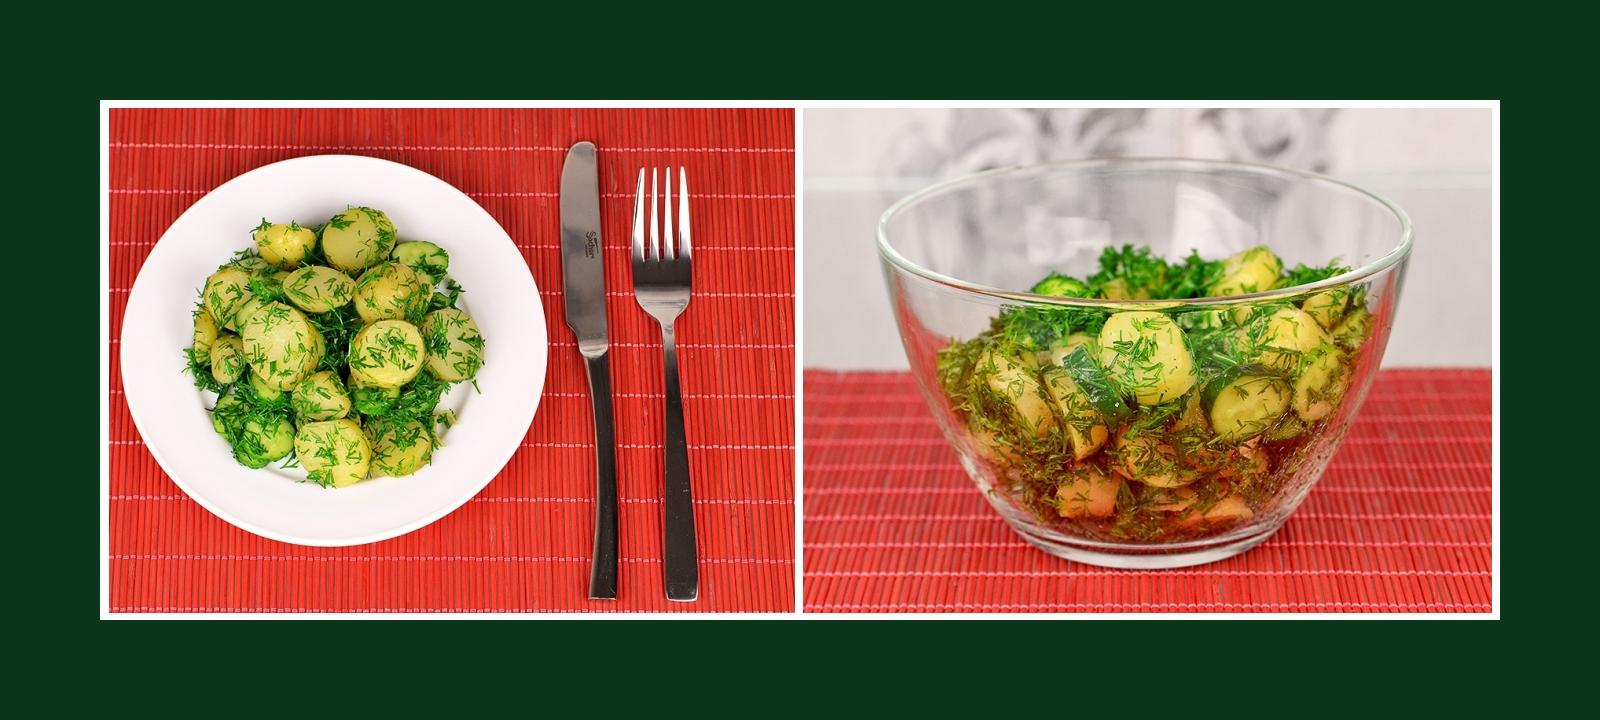 Leckerer und einfacher Salat aus Gurken, Kartoffeln und Dill